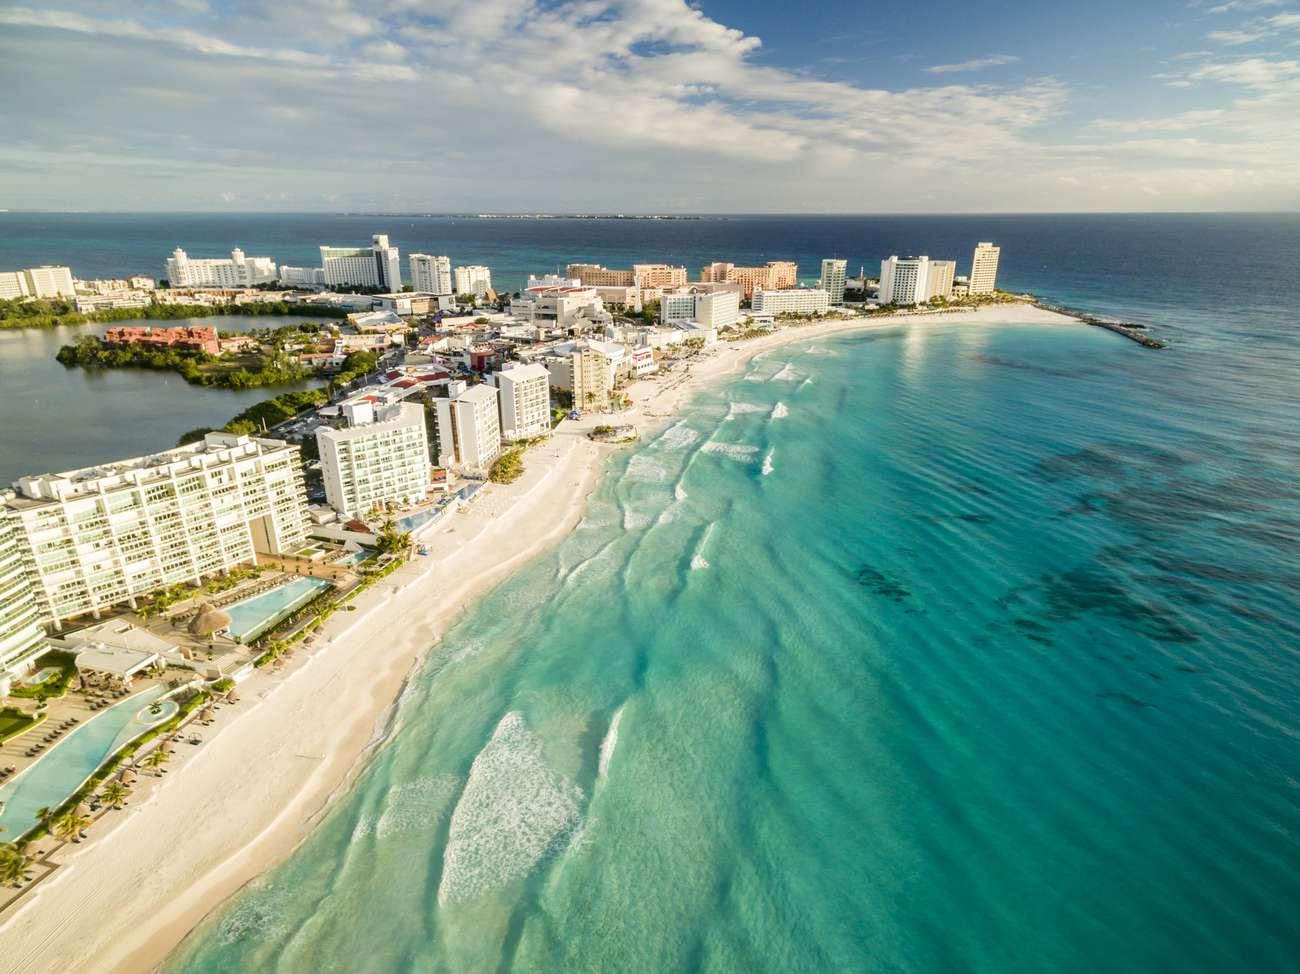 Viajes a México y Cancún desde Colombia 7 días